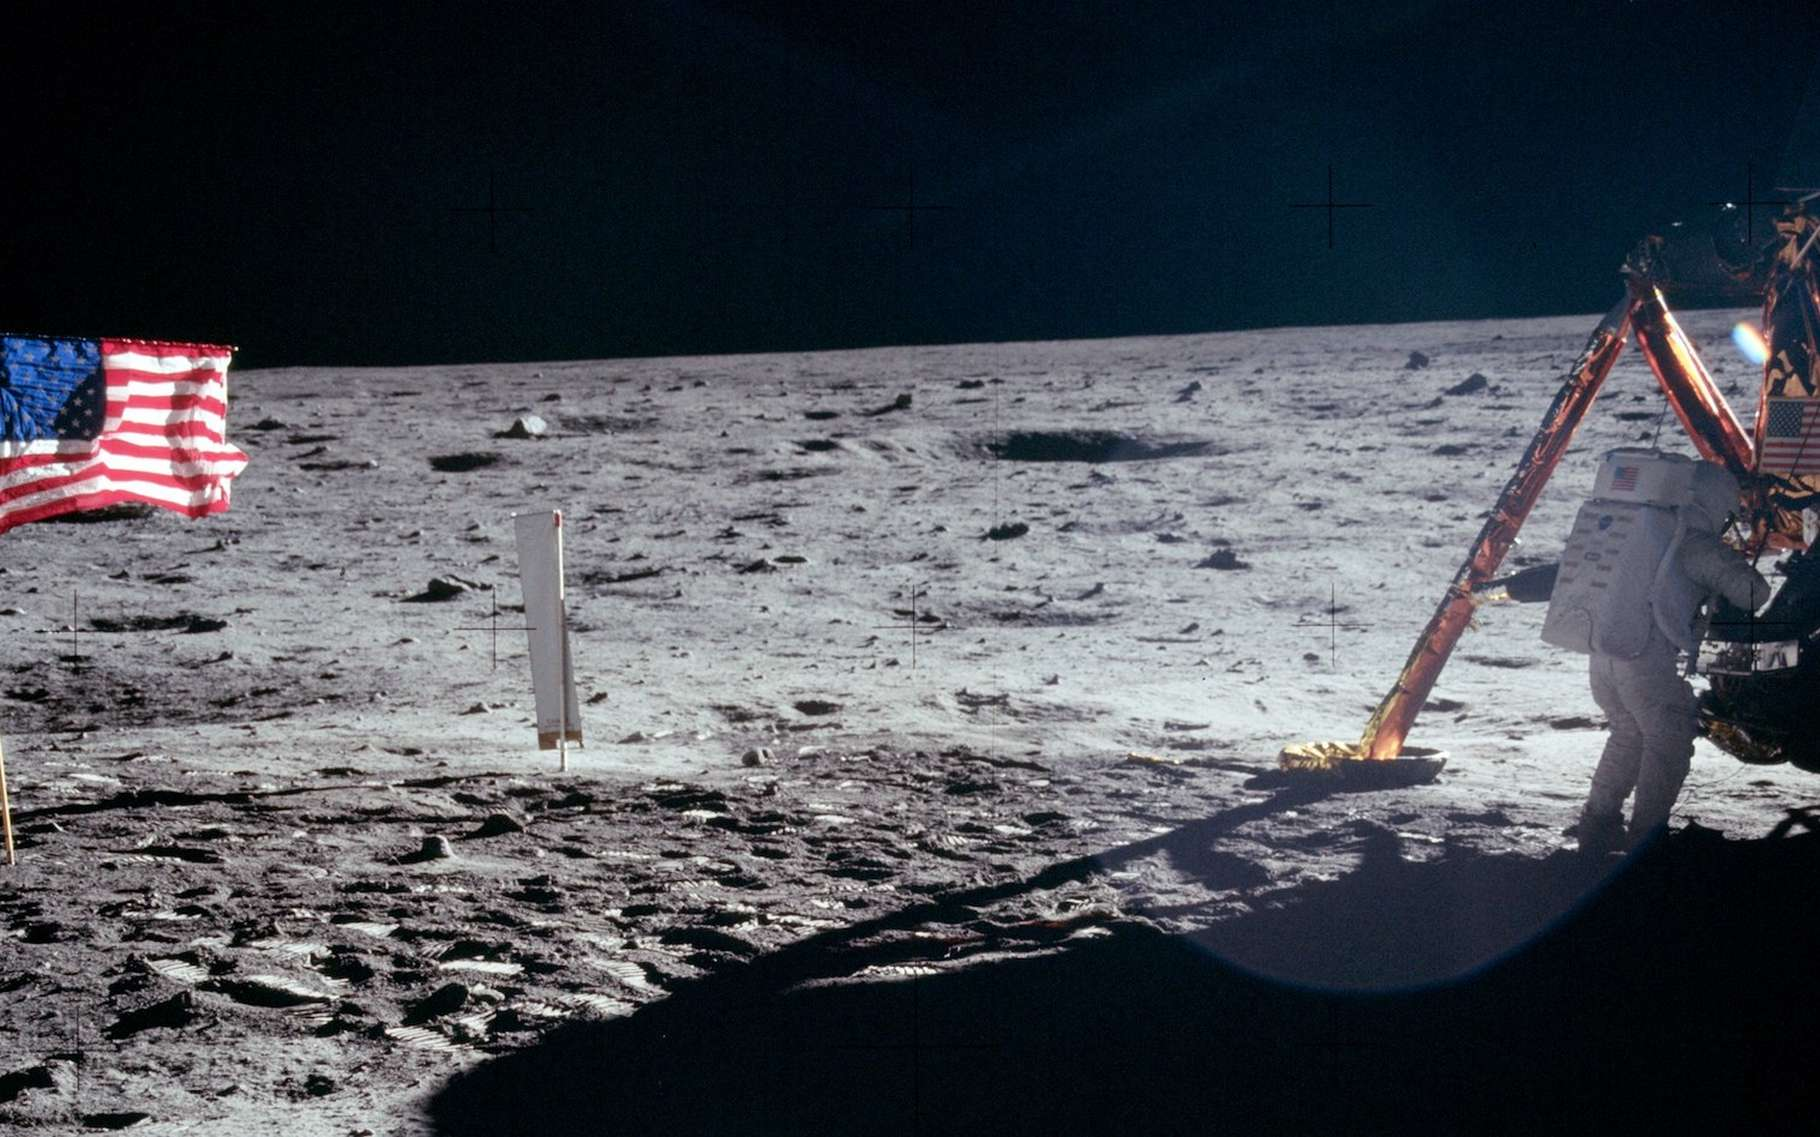 Il y a presque 50 ans, Neil Armstrong était le premier Homme à poser le pied sur la Lune. Donald Trump compte bien que le prochain soit lui aussi un Américain. © Nasa, domaine Public